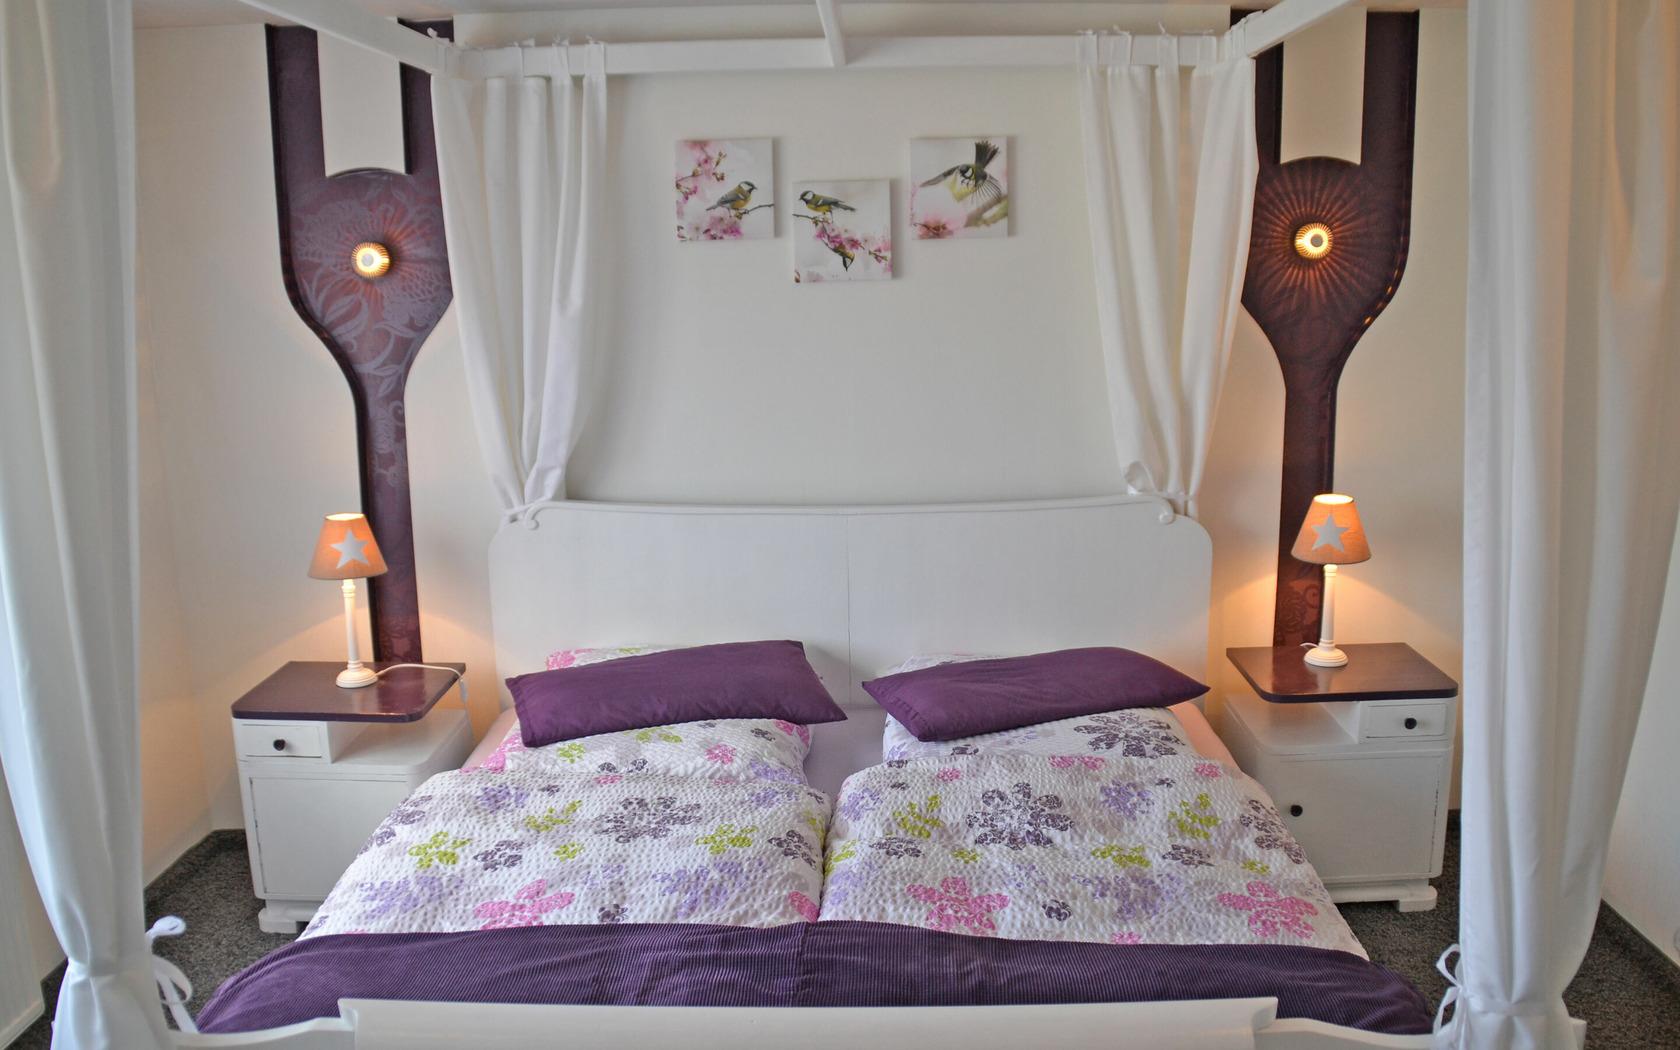 Ferienhaus Hasenland, Schlafbereich, Foto: MuT Guben, Foto: Marketing und Tourismus Guben e.V., Lizenz: Marketing und Tourismus Guben e.V.